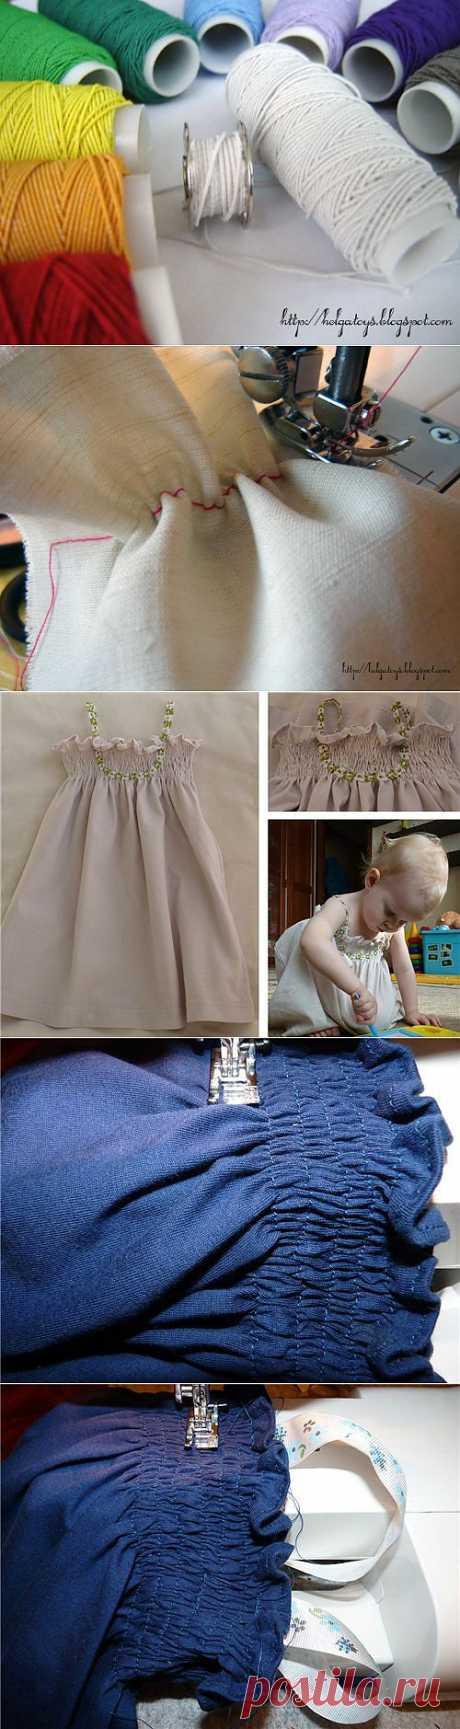 Шитье. Использование нитки-резинки для создания складок на ткани + детский сарафан на резинке. Мастер-классы.